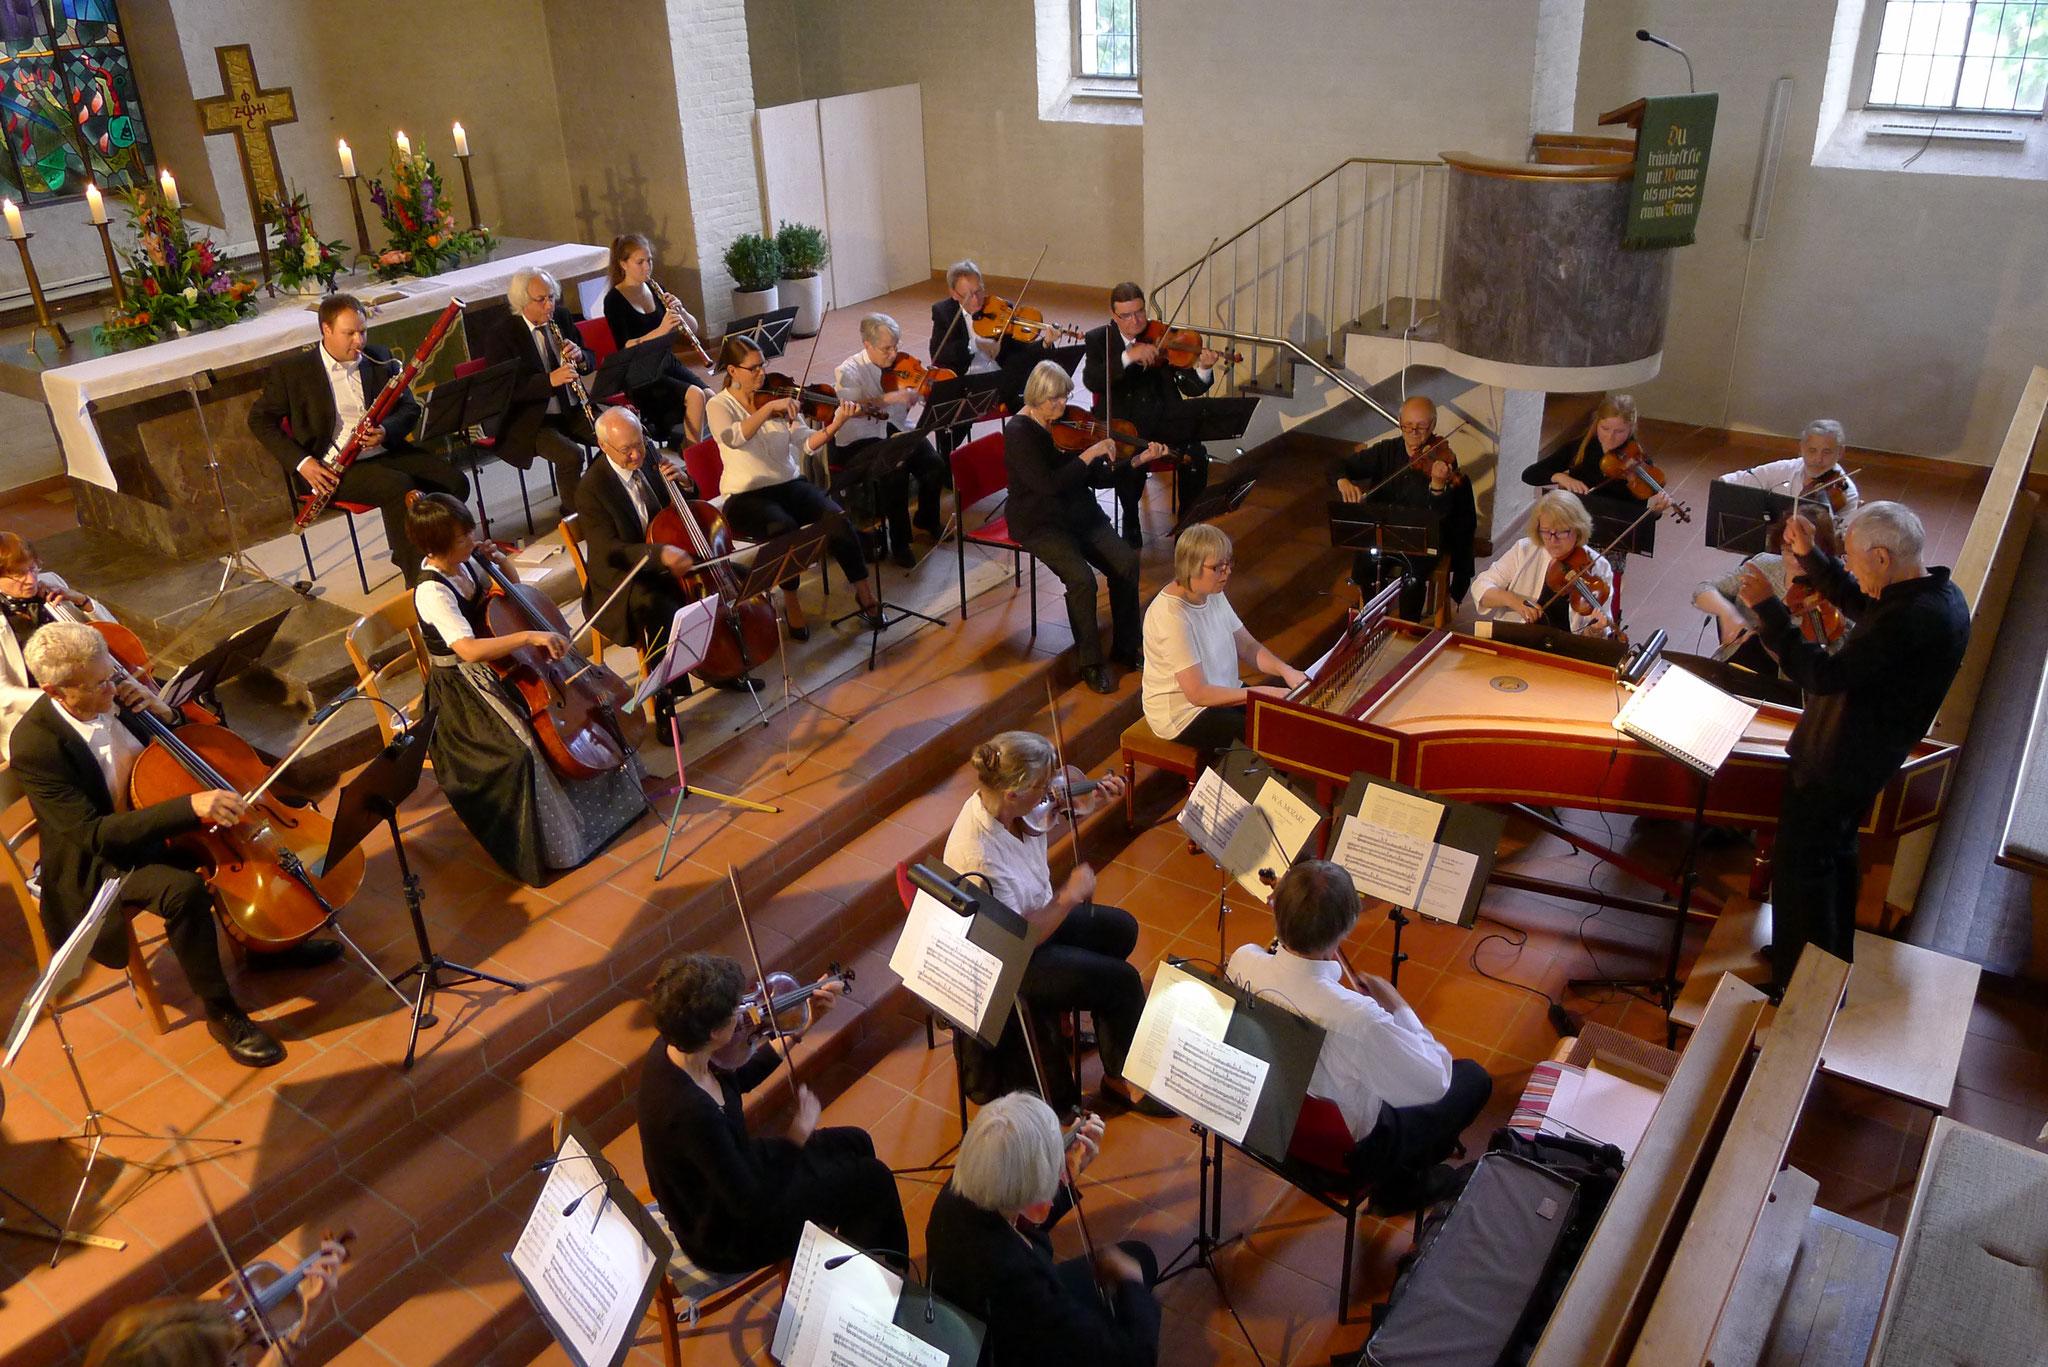 Evangelische Auferstehungskirche Bamberg - 16. Juli 2016